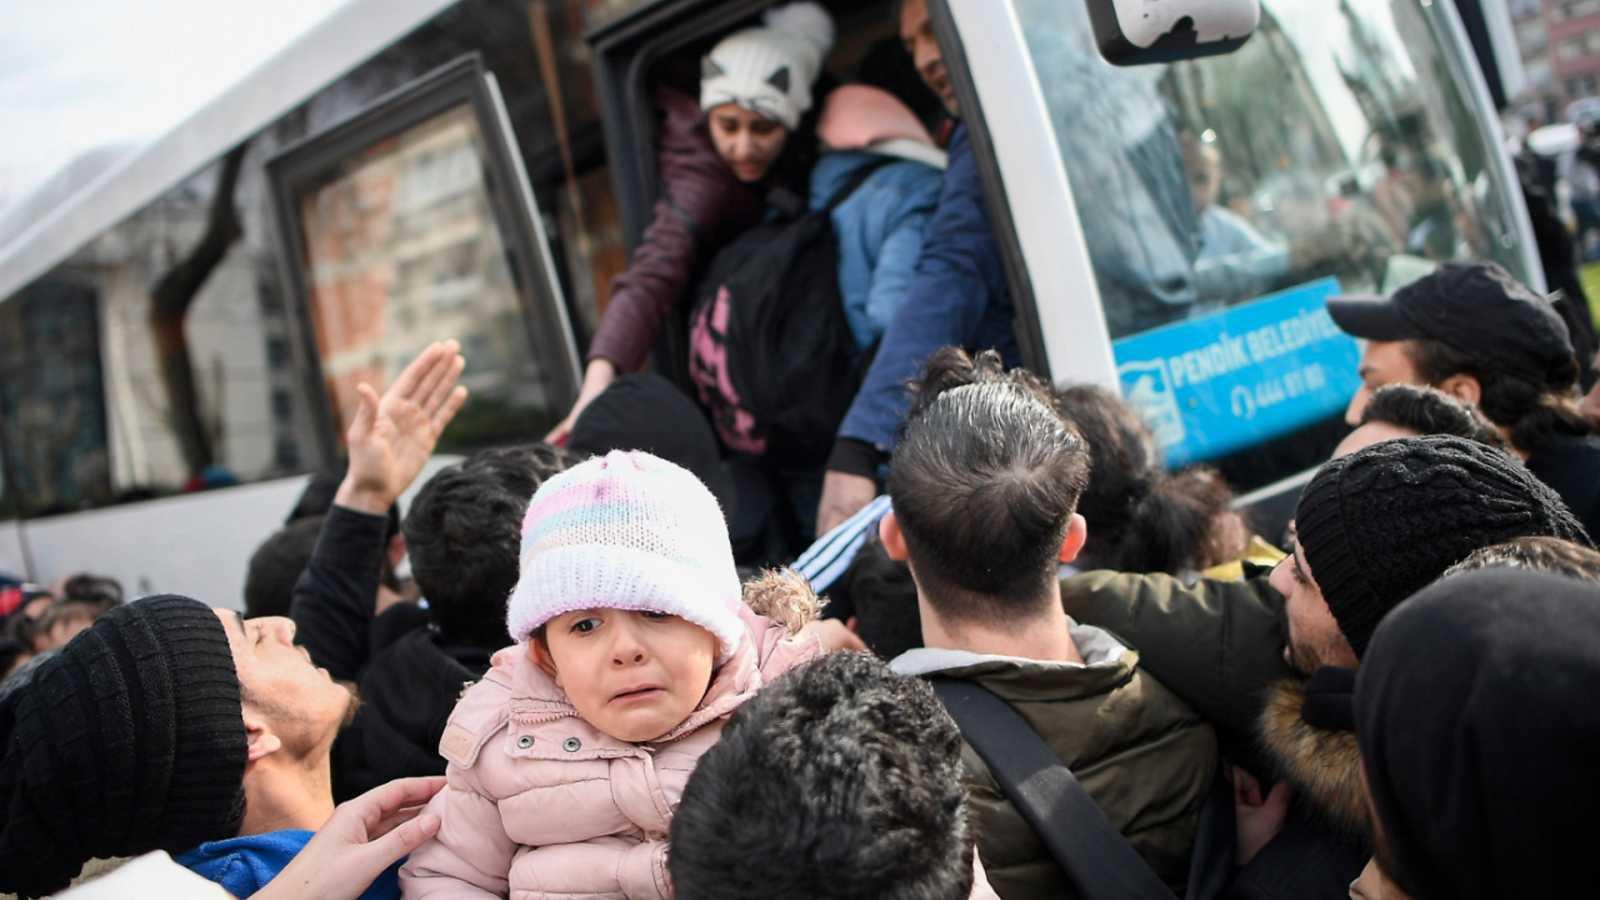 Cinco continentes - Migraciones: la ruta entre Turquía y Grecia - Escuchar ahora